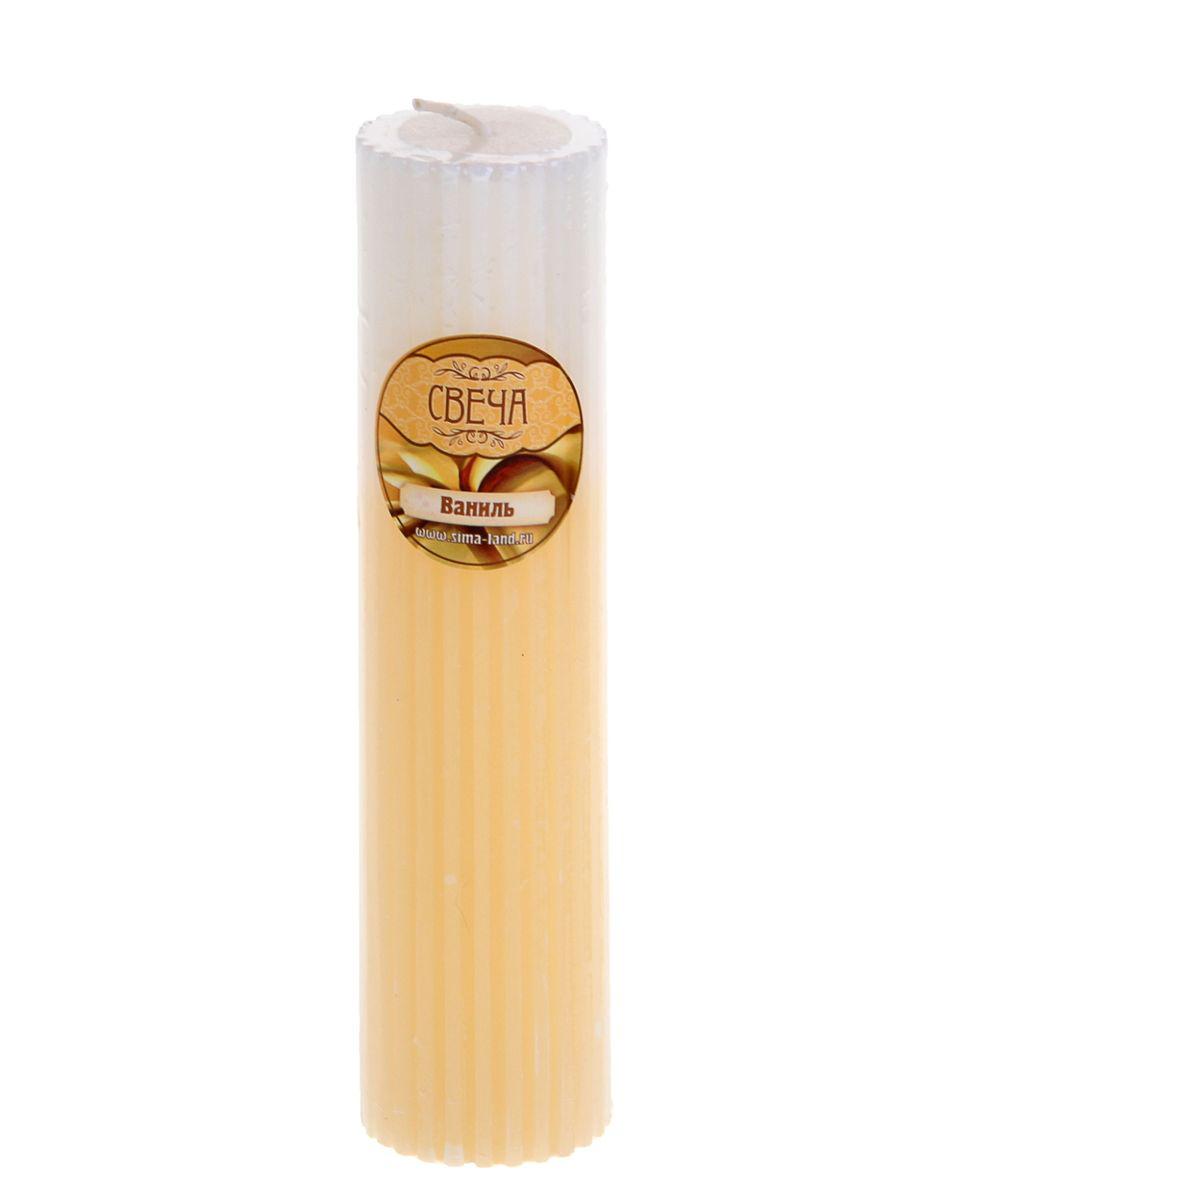 Свеча ароматизированная Sima-land Ваниль, высота 15 смFS-91909Свеча Sima-land Ваниль выполнена из воска и оформлена резным рельефом. Свеча порадует ярким дизайном и ароматным запахом ванили, который понравится как женщинам, так и мужчинам. Создайте для себя и своих близких незабываемую атмосферу праздника в доме. Ароматическая свеча Sima-land Ваниль раскрасит серые будни яркими красками.